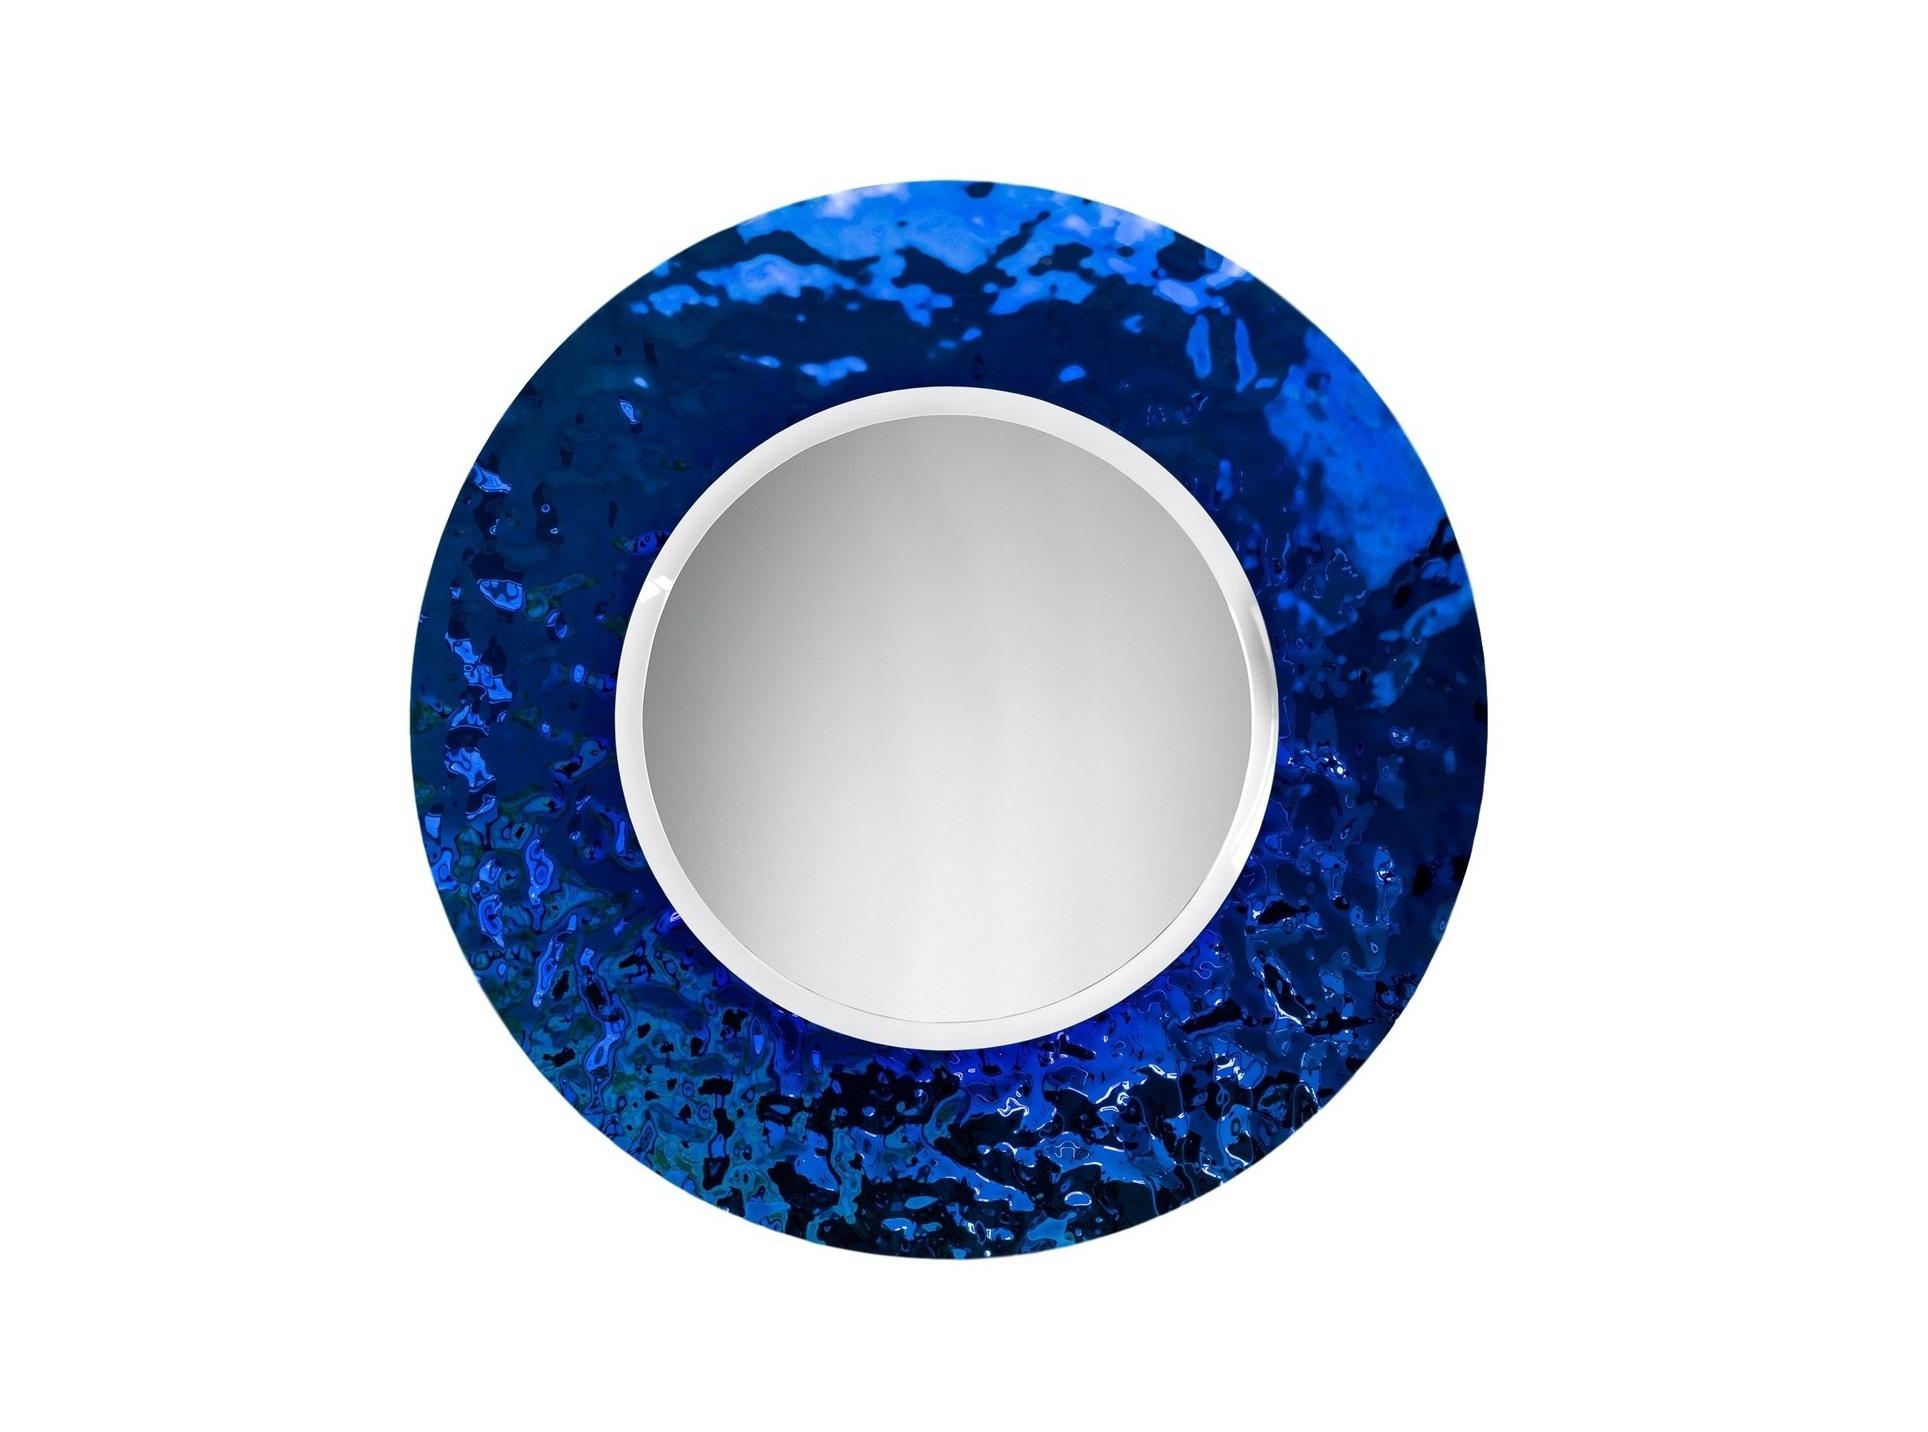 Зеркало Круг IndigoНастенные зеркала<br>Зеркало уже не может быть просто зеркалом, если его обрамлением является авторская работа братьев Фомичевых. Такое круглое зеркало в необычной рамке, способно украсить даже самый тусклый интерьер. Это полноценный арт-объект. Внушительные размеры, безупречный блеск стекла — в таком зеркале смотреть на свое отражение сплошное удовольствие.    Обрамление зеркала выполнено в ярко-синем цвете .  Зеркало в собранном виде и в комплекте есть крепления.<br><br>Material: Стекло<br>Height см: 5<br>Diameter см: 88